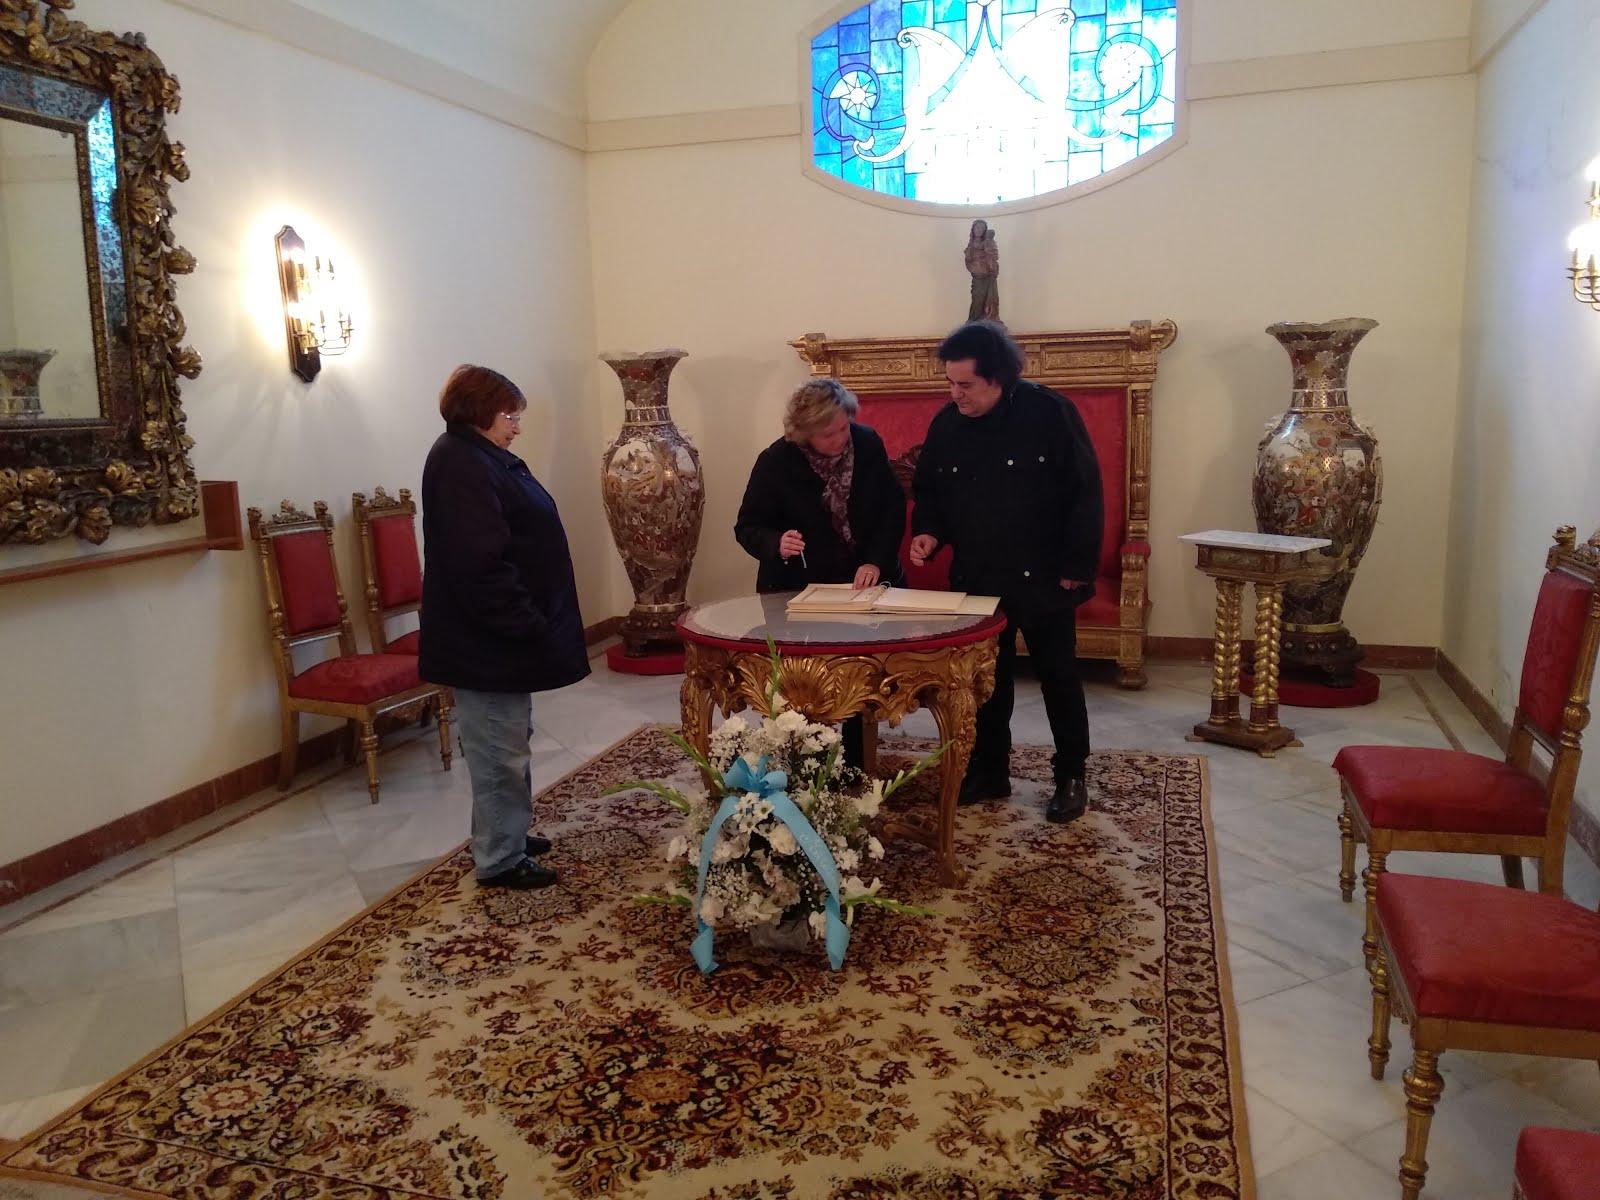 Peregrinació de la Congregació Mariana de Reus al Santuari de Misericòrdia (8-12-2019)